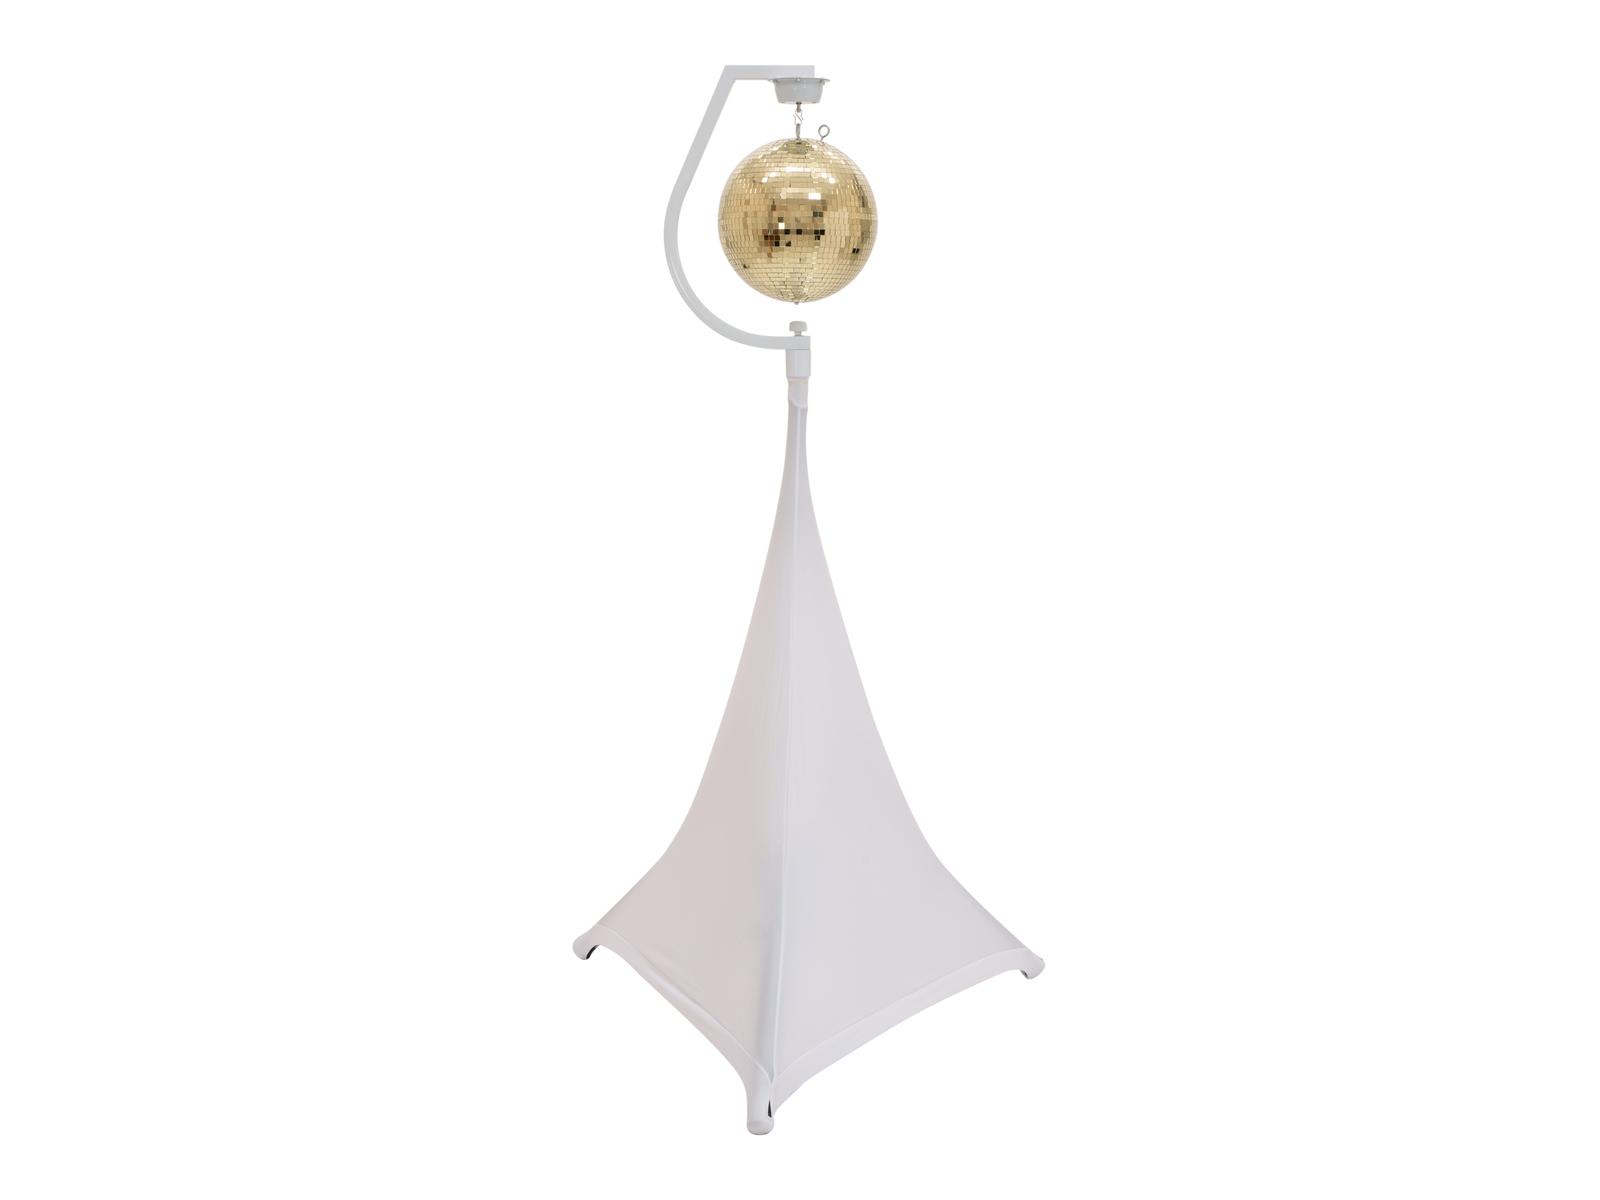 EUROLITE Set Spiegelkugel 50cm mit Stativ und Segel weiß